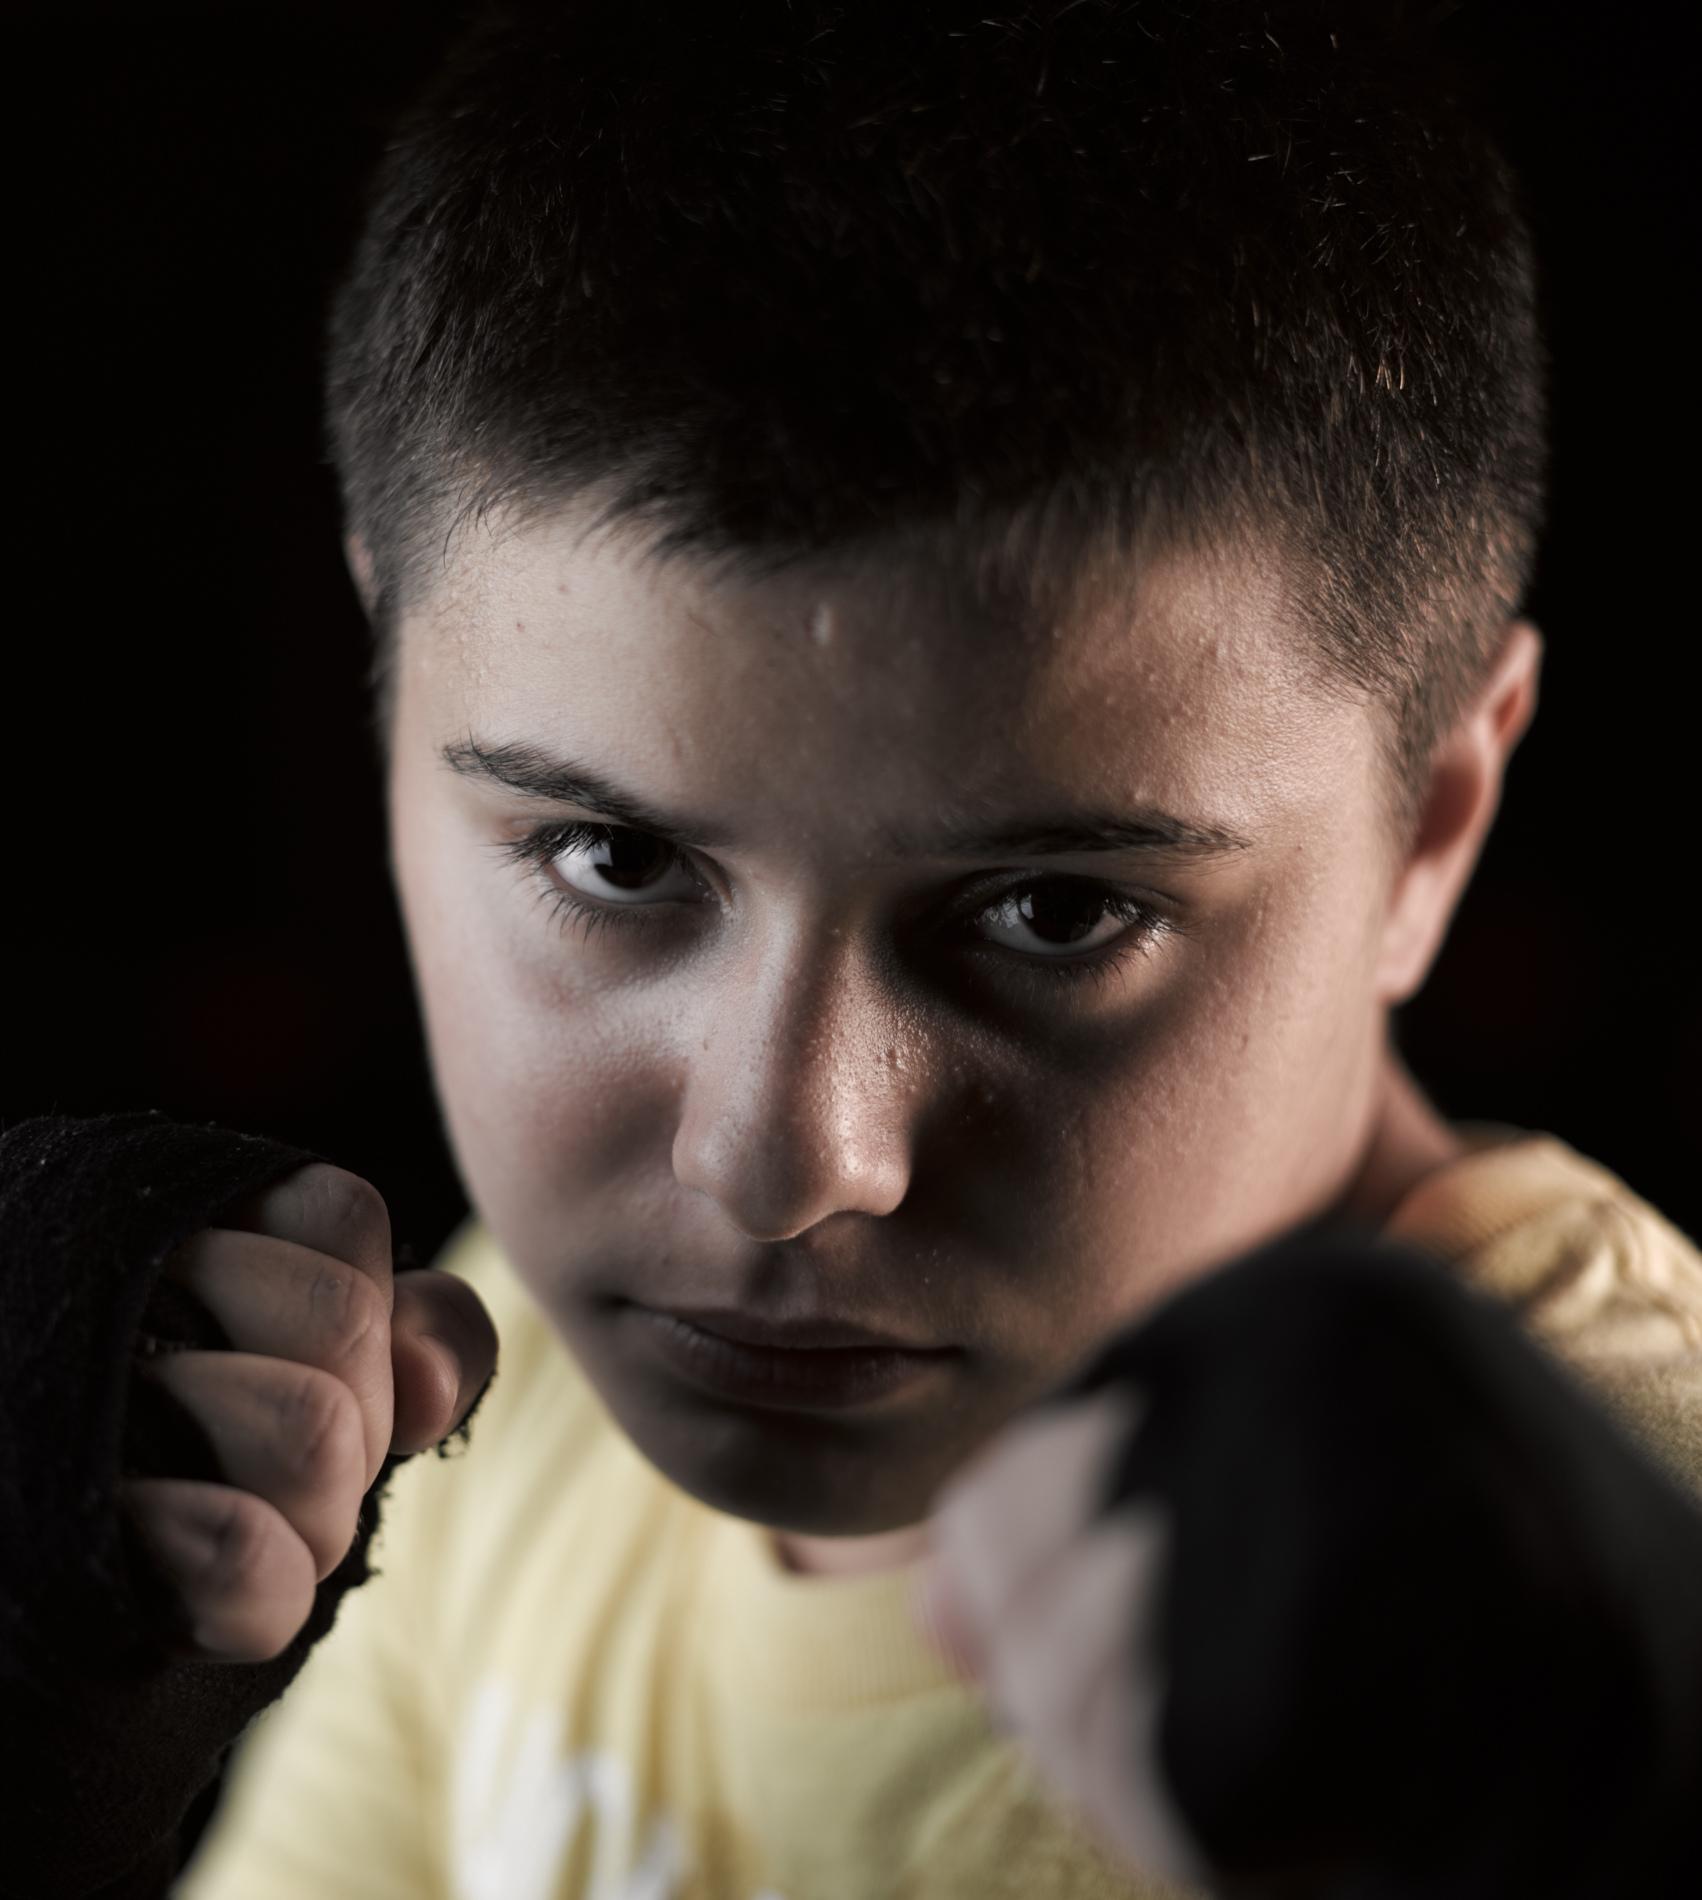 Commercial_Portrait_Photography_Boxer_005